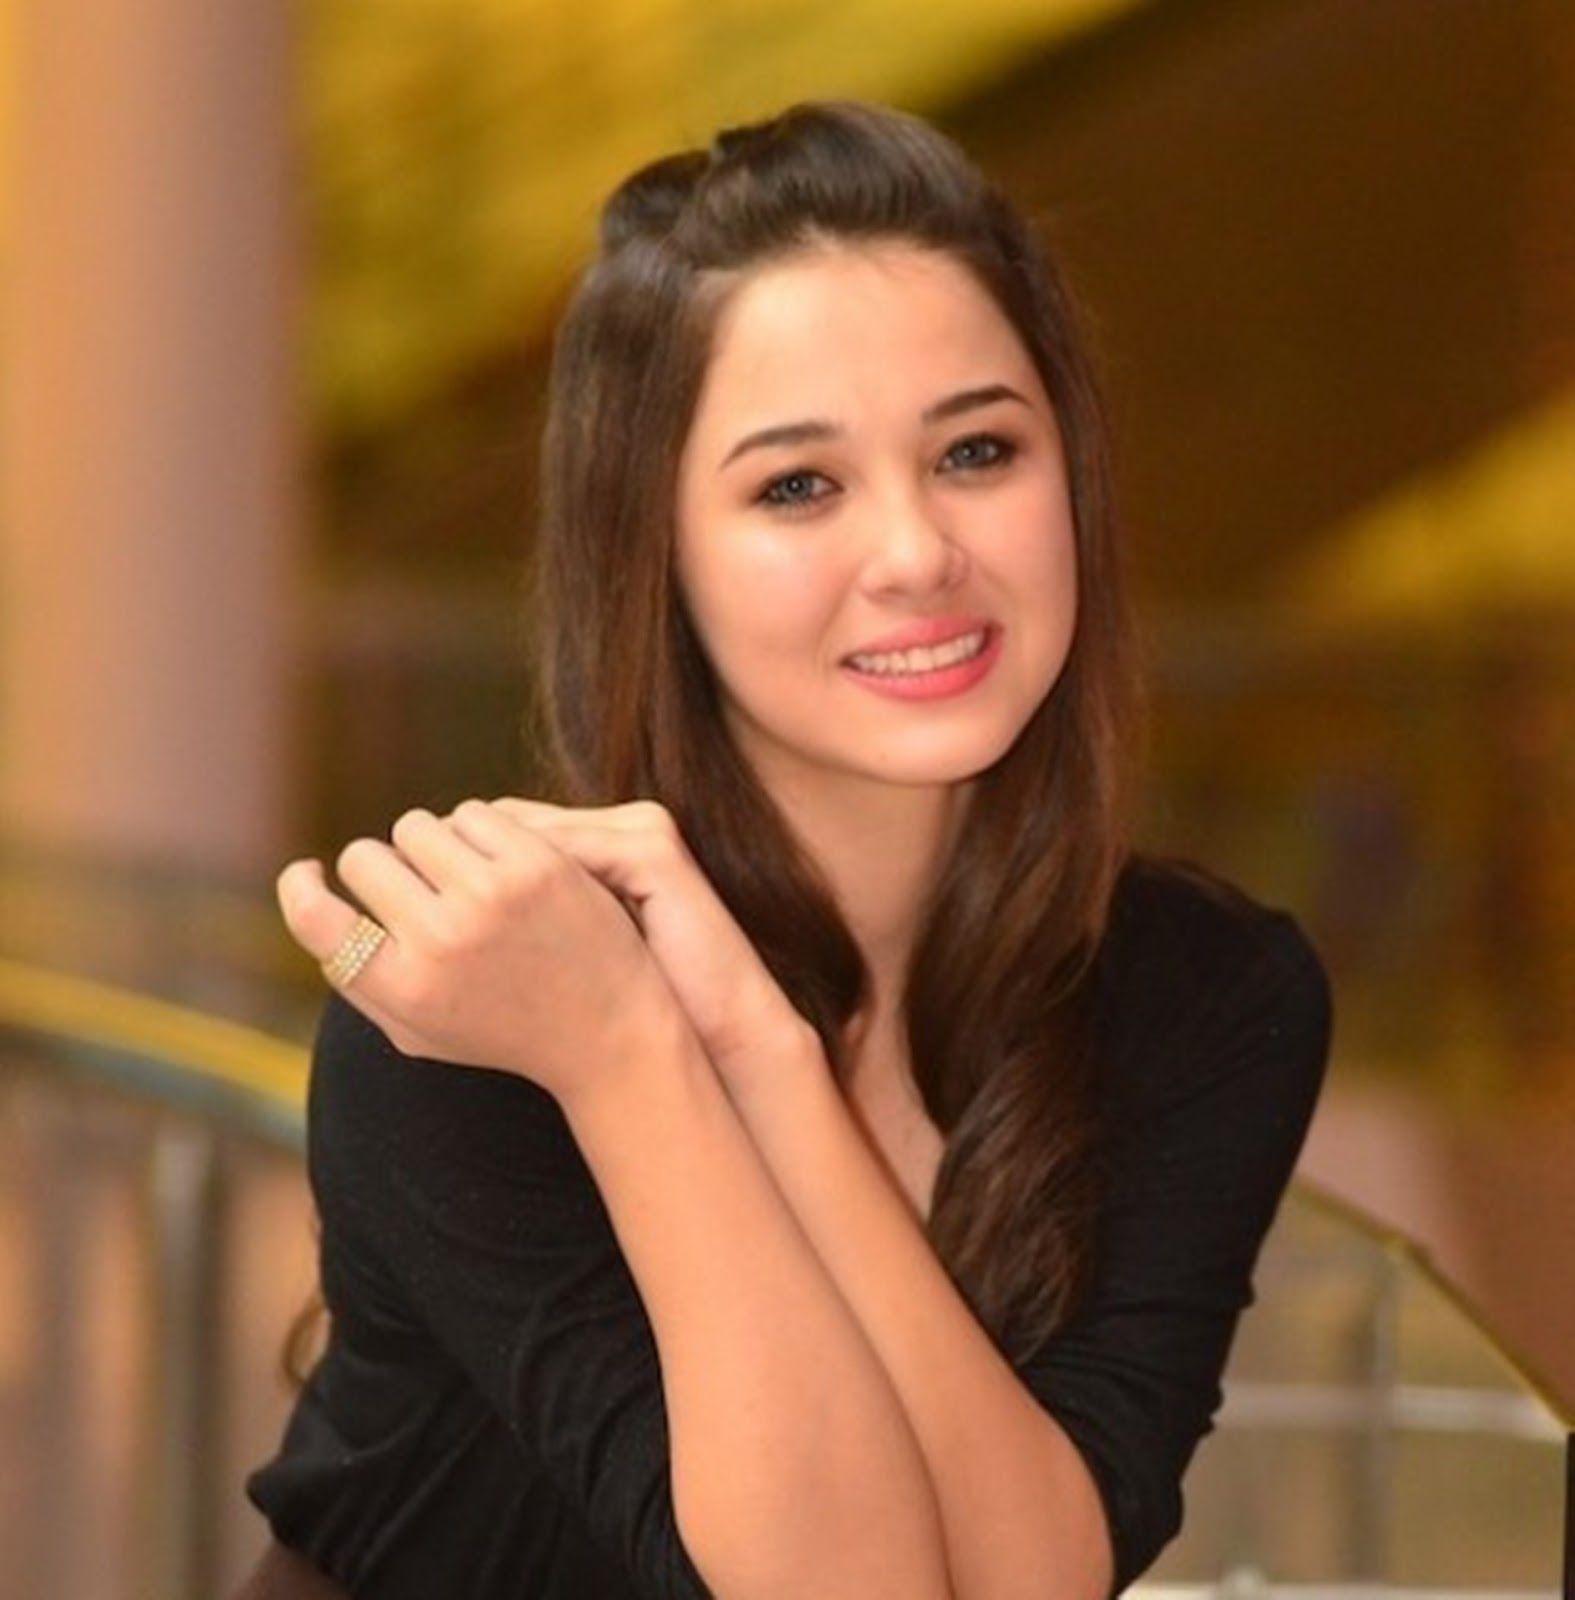 Emma Maembong Girls Pinterest Girl